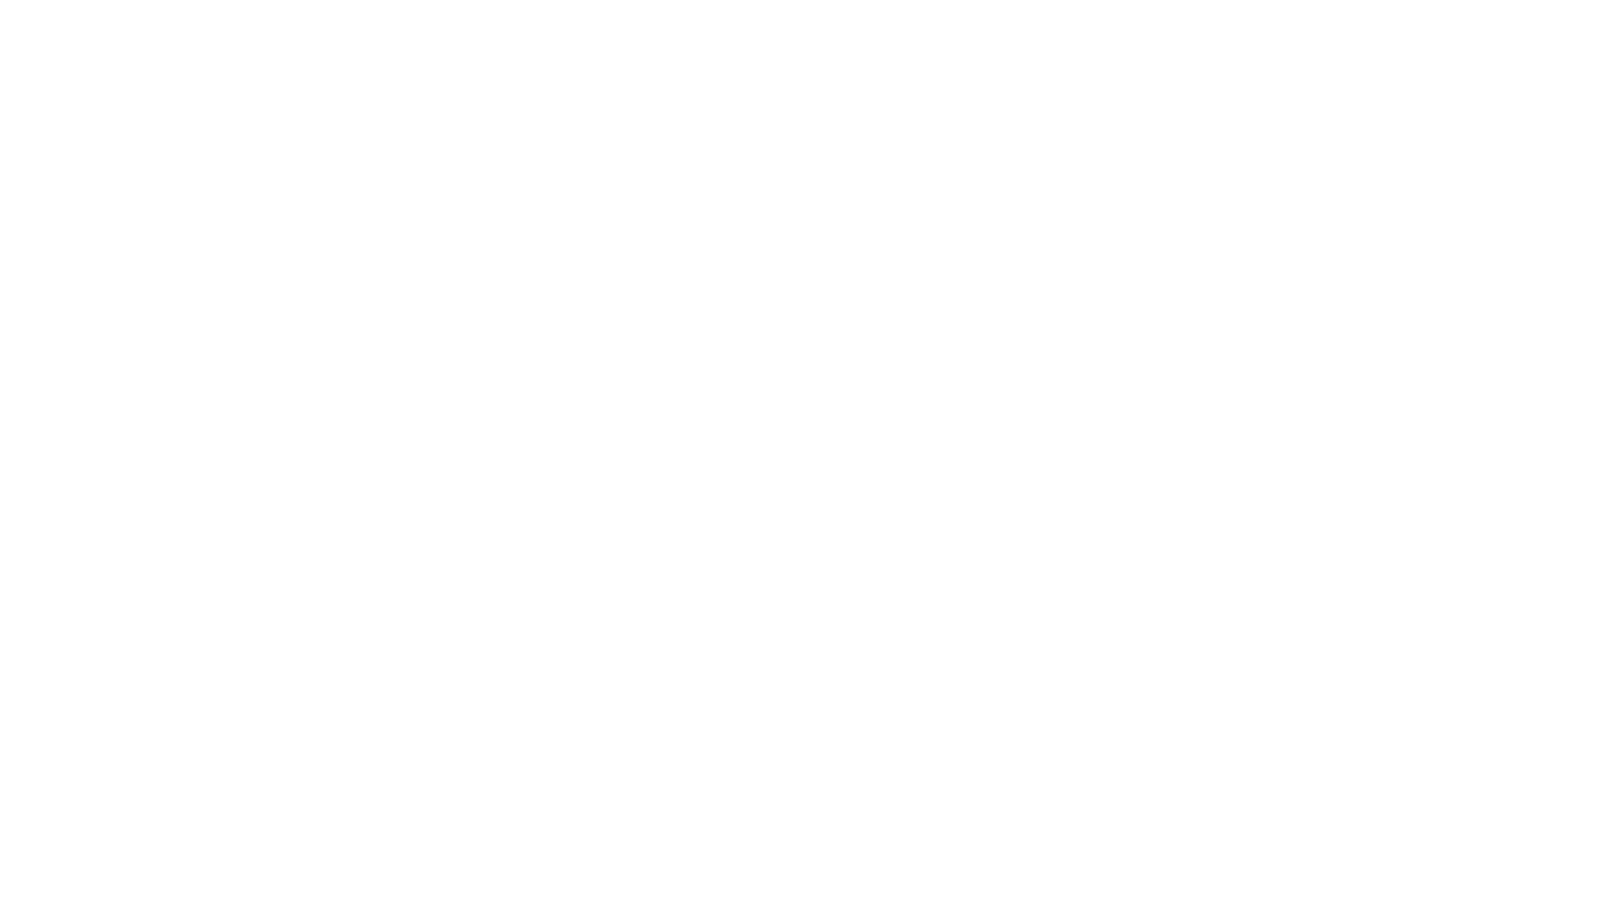 """Elena per il suo 40°Compleanno ha deciso di scegliere il nostro OMG Luxury Limobus / Partybus  e quindi condivide con noi la sua opinione sull'Esperienza con  OMG Luxury Limousine . Ci contatta già alcuni anni fa per un evento simile a quello di oggi e sceglie di prenotare il servizio con il nostro Hummer H2 Luxury Limousine : rimane stupito in modo positivo dal servizio ricevuto nel modo in cui Alessio e tutto lo Staff di OMG Luxury Limousine.   Un Evento completato nei minimi dettagli con a bordo Fotografo e VideoMaker professionale per Vivere una Esperienza che viene definita proprio da lui Unica.   Elena consiglia e raccomanda a tutte le persone che il nostro servizio è il numero 1 a Firenze, in Toscana e tutto il Centro/Nord Italia. Quindi """"se anche tu devi organizzare il tuo Evento Speciale"""" devi salire a bordo di OMG Luxury Limousine.   *******************************************************************   Vorresti essere tu il prossimo e vuoi scoprire come far morire di invidia le altre persone che non hanno creduto in te? Oppure Vuoi festeggiare in modo unico tutti i tuoi successi ?   Scarica anche tu (GRATIS!) il buono Regalo del valore di 50€  e così potrai avere maggiori informazioni su questo e altri tipi di Luxury Limousine Experience   Scarica subito i BUONO REGALO DI 50€ cliccando su questo link:  https://www.noleggio-limousine.com  ==================================================== YOUTUBE CHANNEL  OMG Luxury Limousine   ISCRIVITI ORA AL NOSTRO CANALE YOUTUBE, così sarai sempre aggiornato su ogni nuovo video pubblicato e sarai sempre il primo a conoscere tutte le novità sulle nostre Experience più aggiornate.   Per iscriverti al  canale è sufficiente che tu clicchi su questo link e che tu clicchi sul pulsante per confermare l'iscrizione:   ISCRIVITI AL CANALE YOUTUBE: https://www.youtube.com/channel/UCpvi...  ====================================================  PAGINA FACEBOOK OMG Luxury Limousine  Seguici sulla Pagina Facebook di OMG Luxury Limou"""